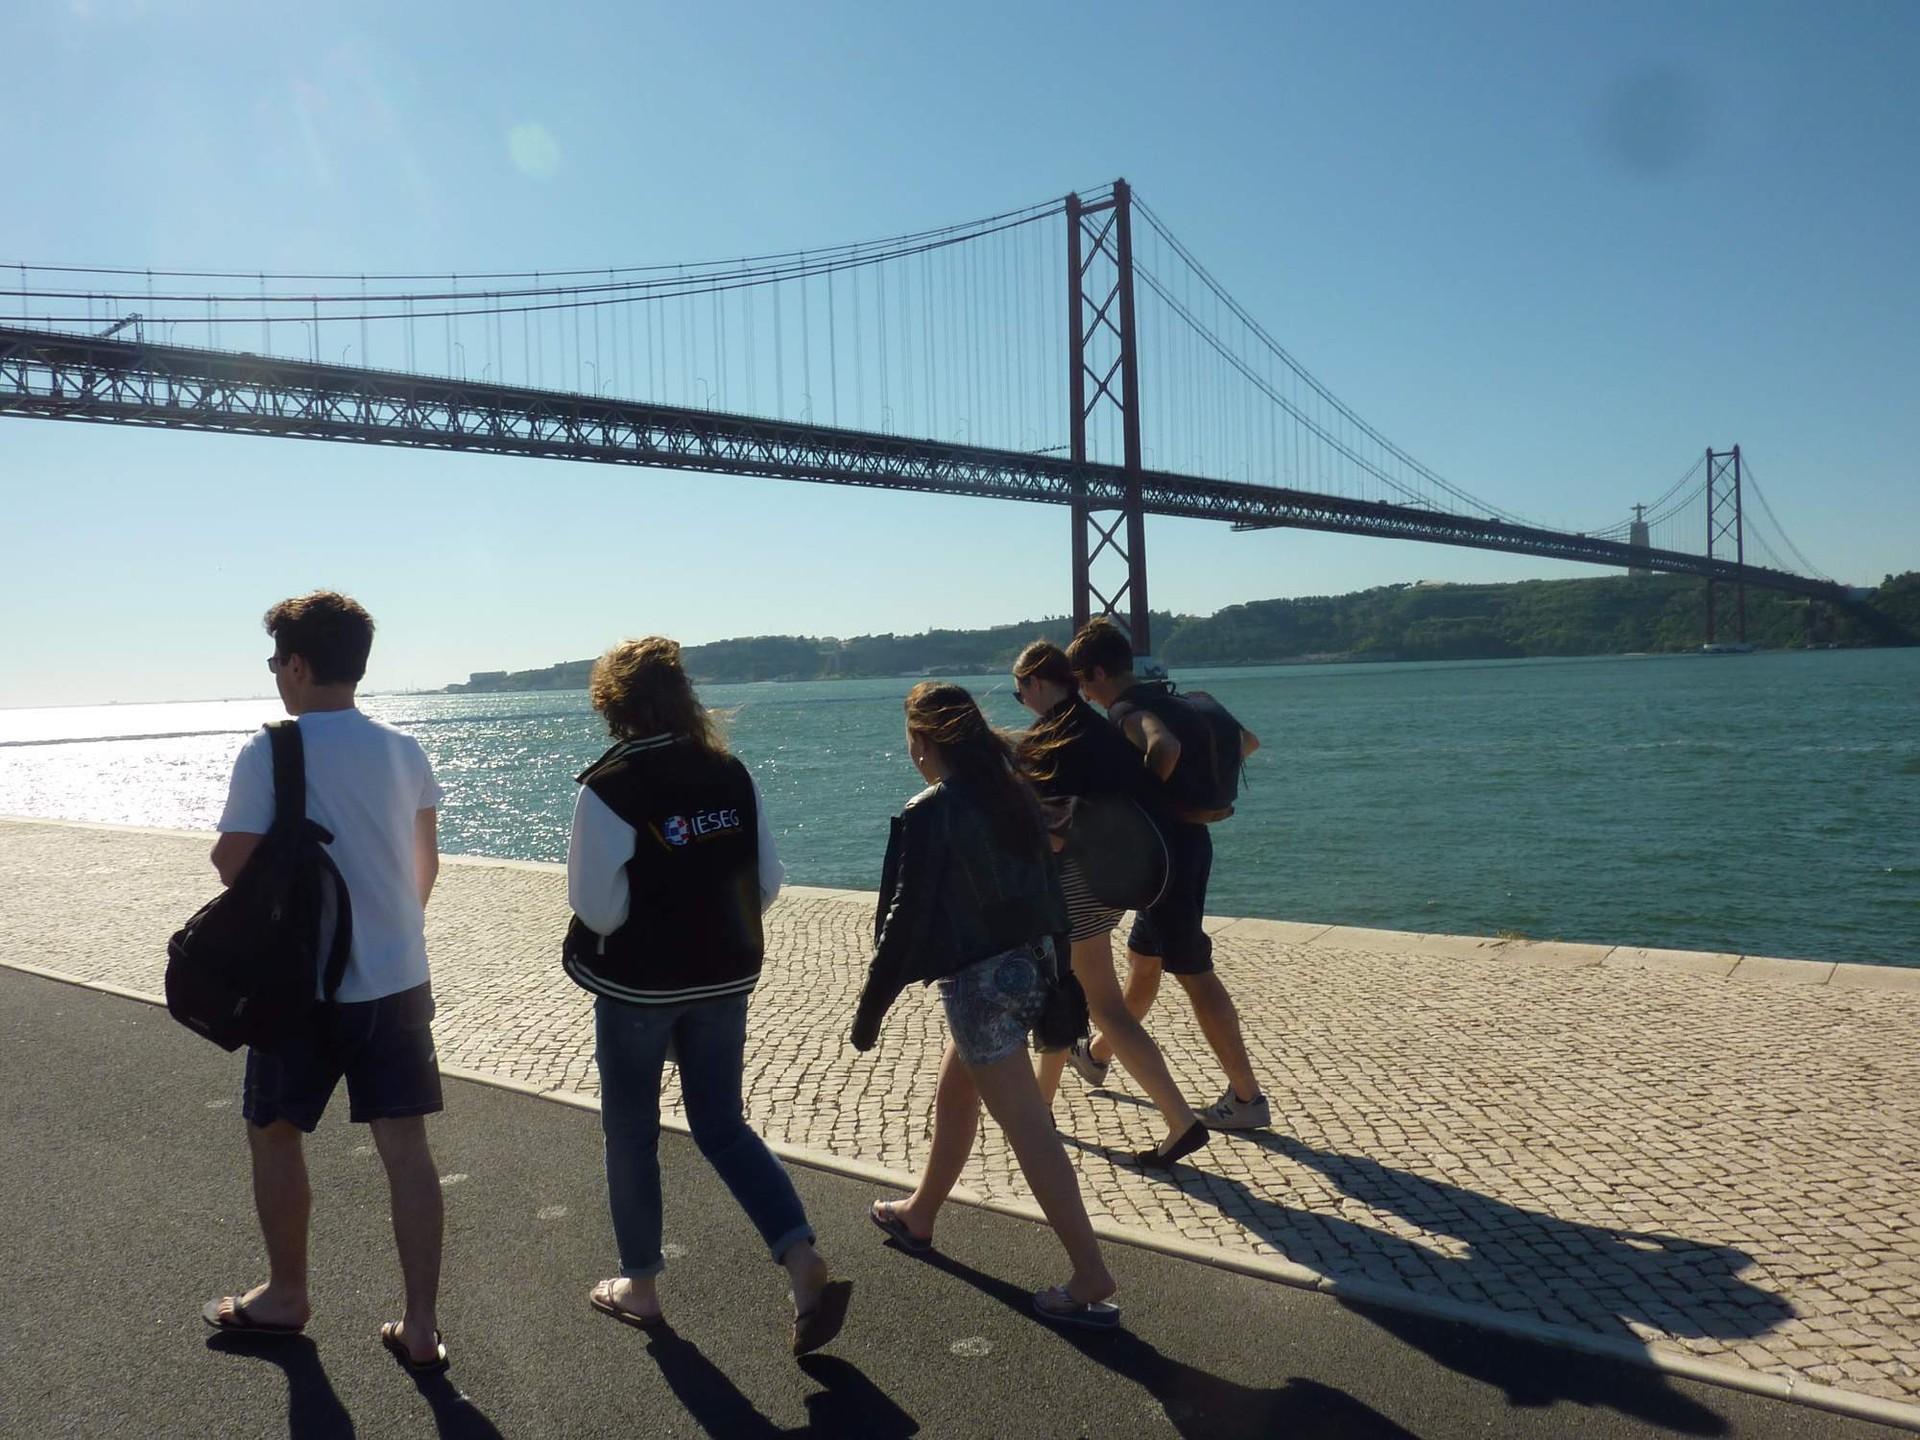 portugal-adventure-7099b441e93eaece544da